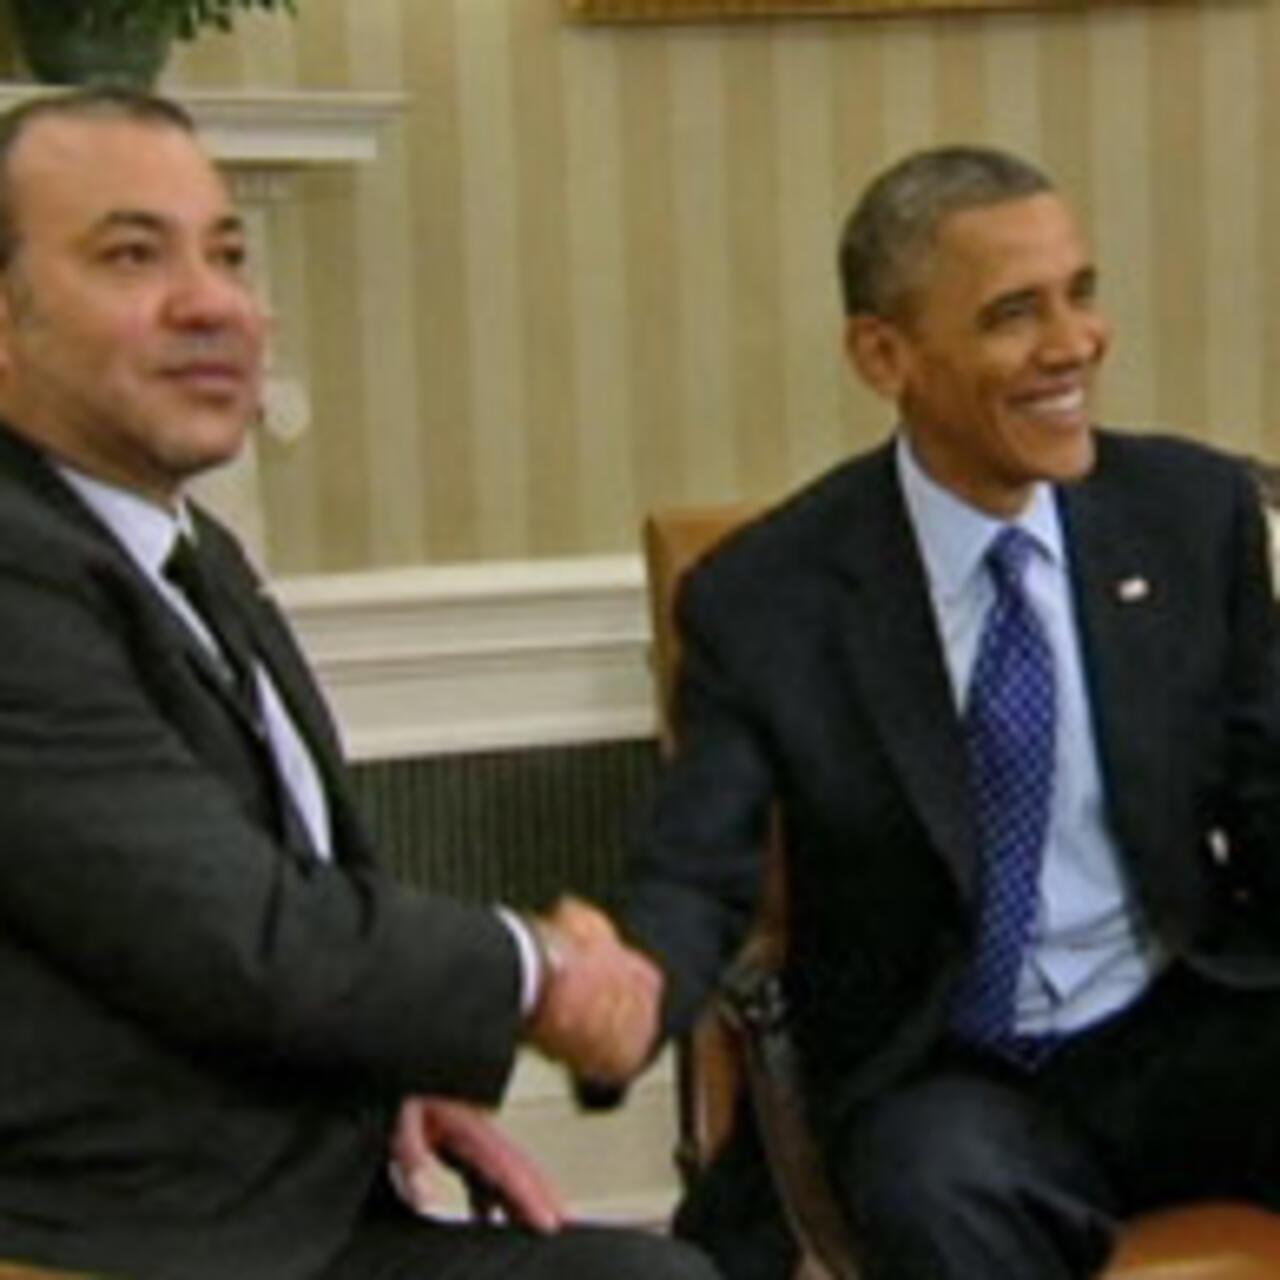 Sahara occidental: les Etats-Unis approuvent le plan marocain d'autonomie